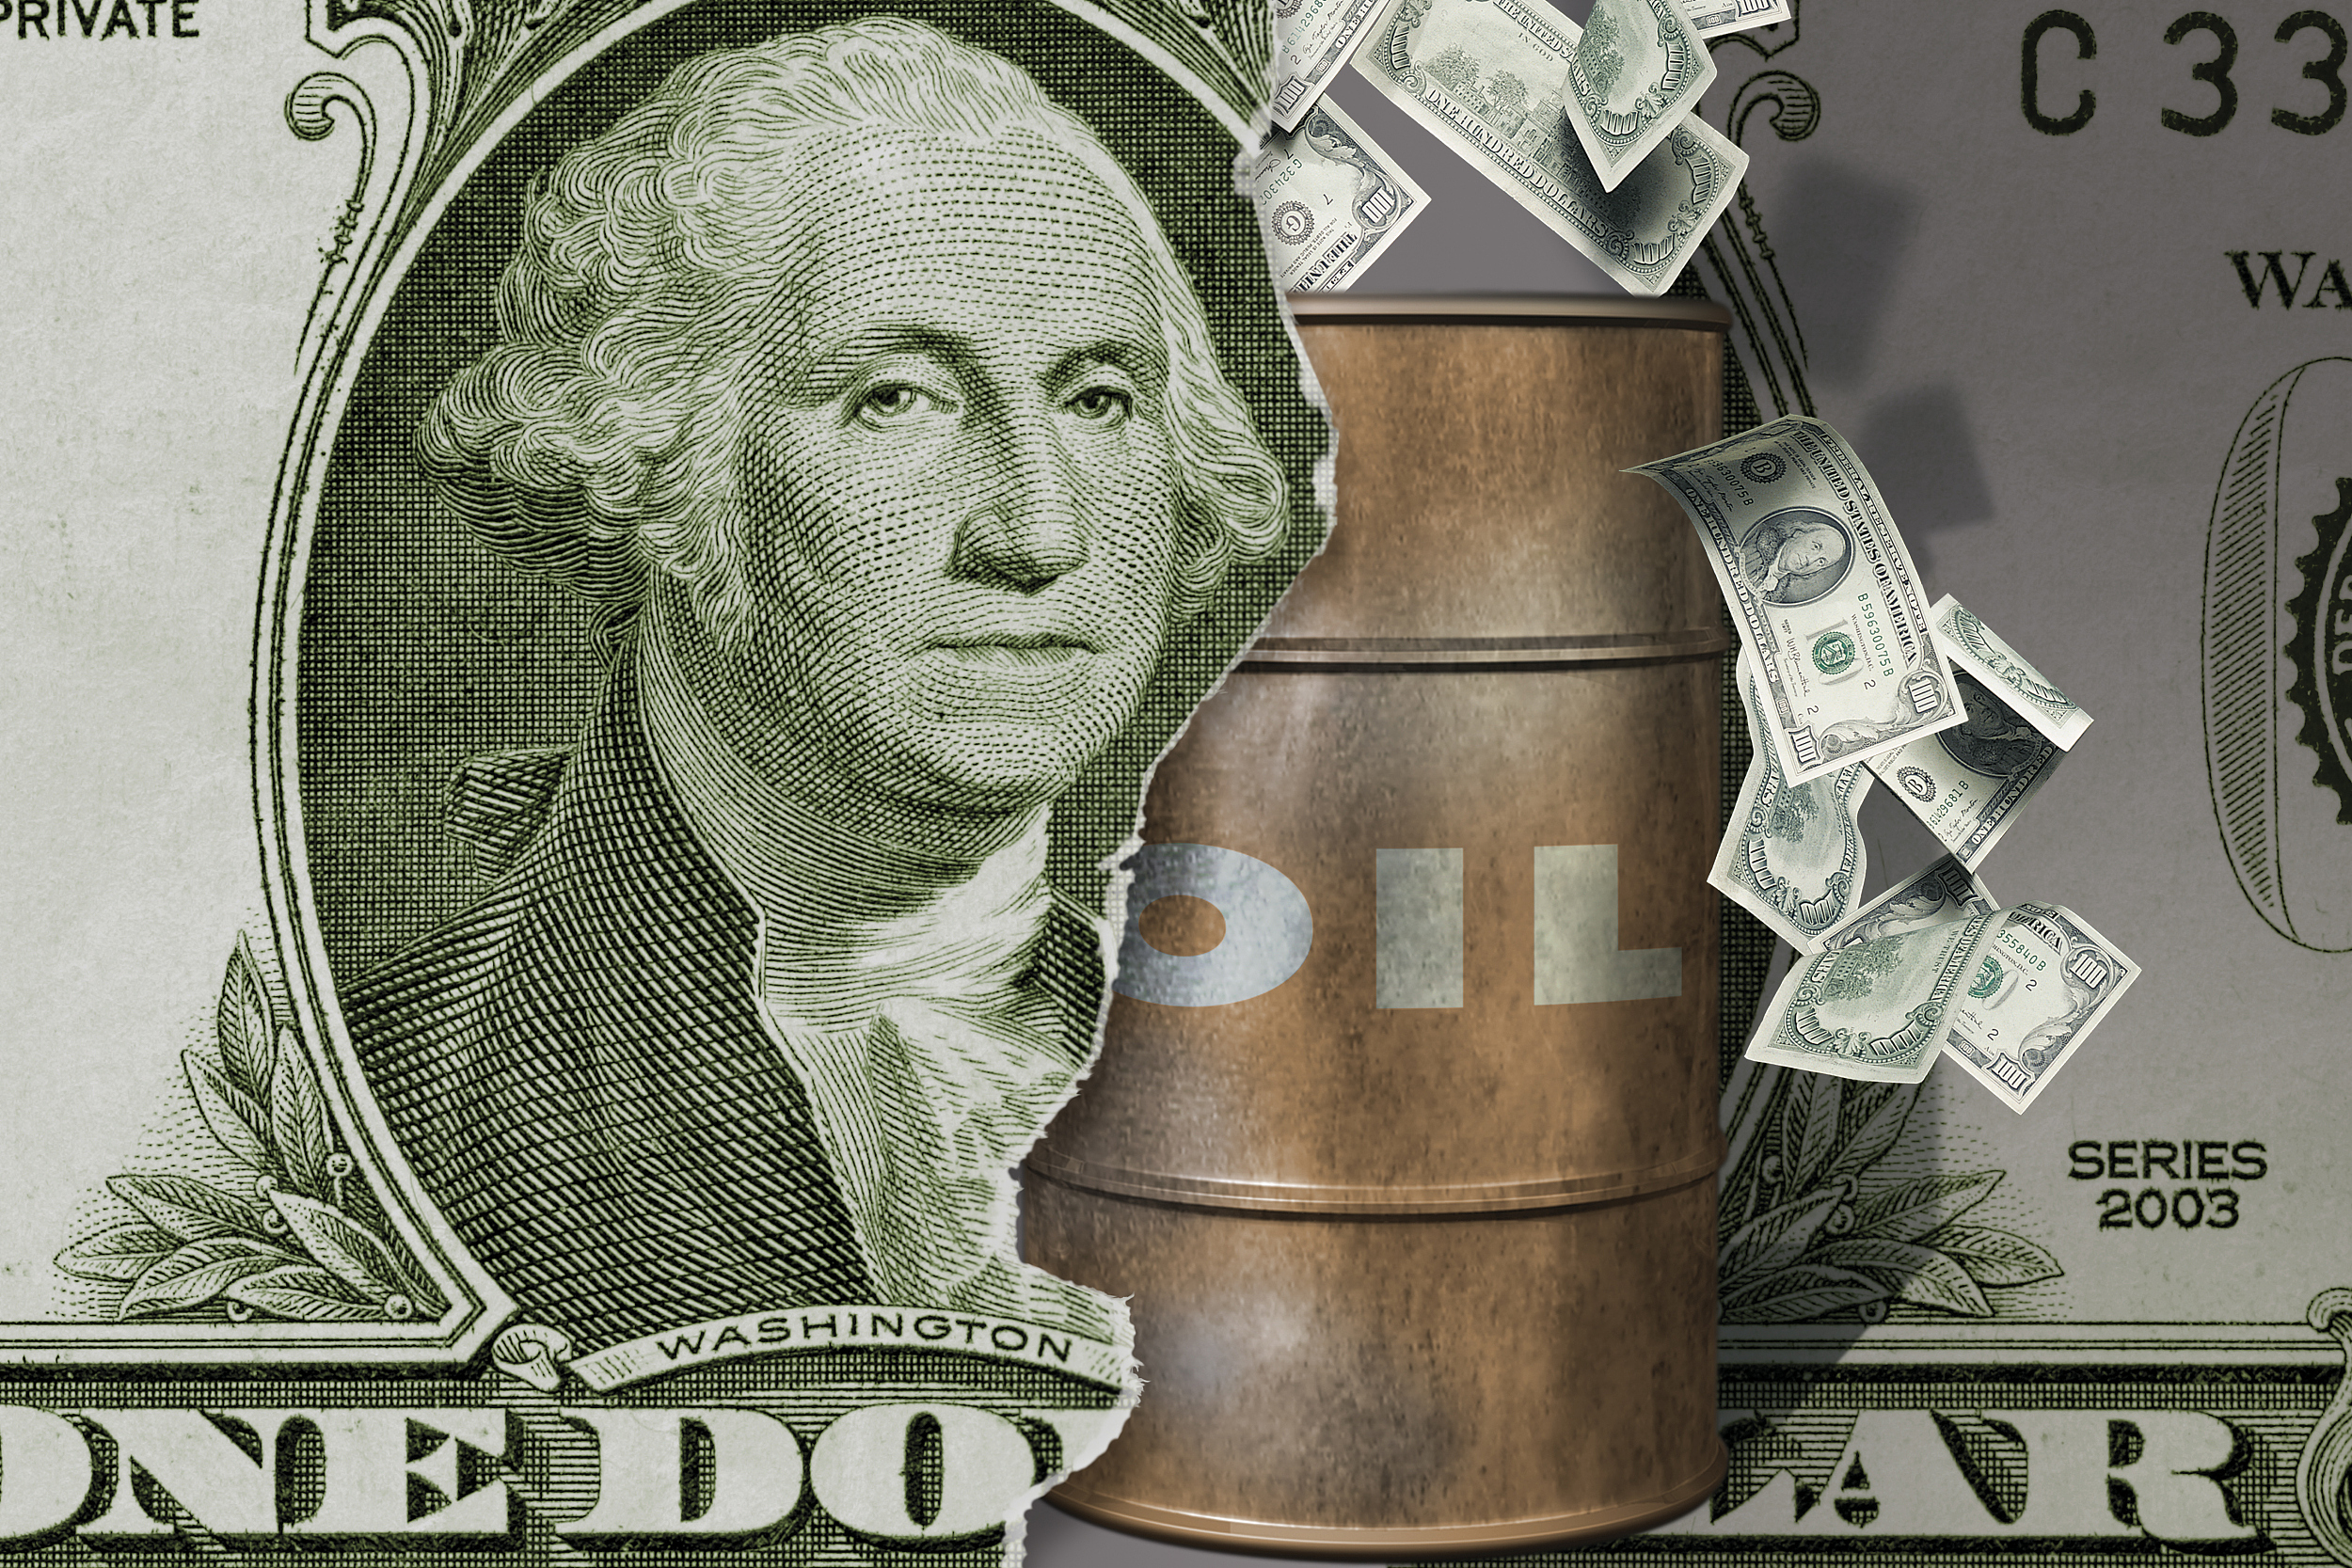 美银:如果美国碰到严冬,油价有望冲击百元大关